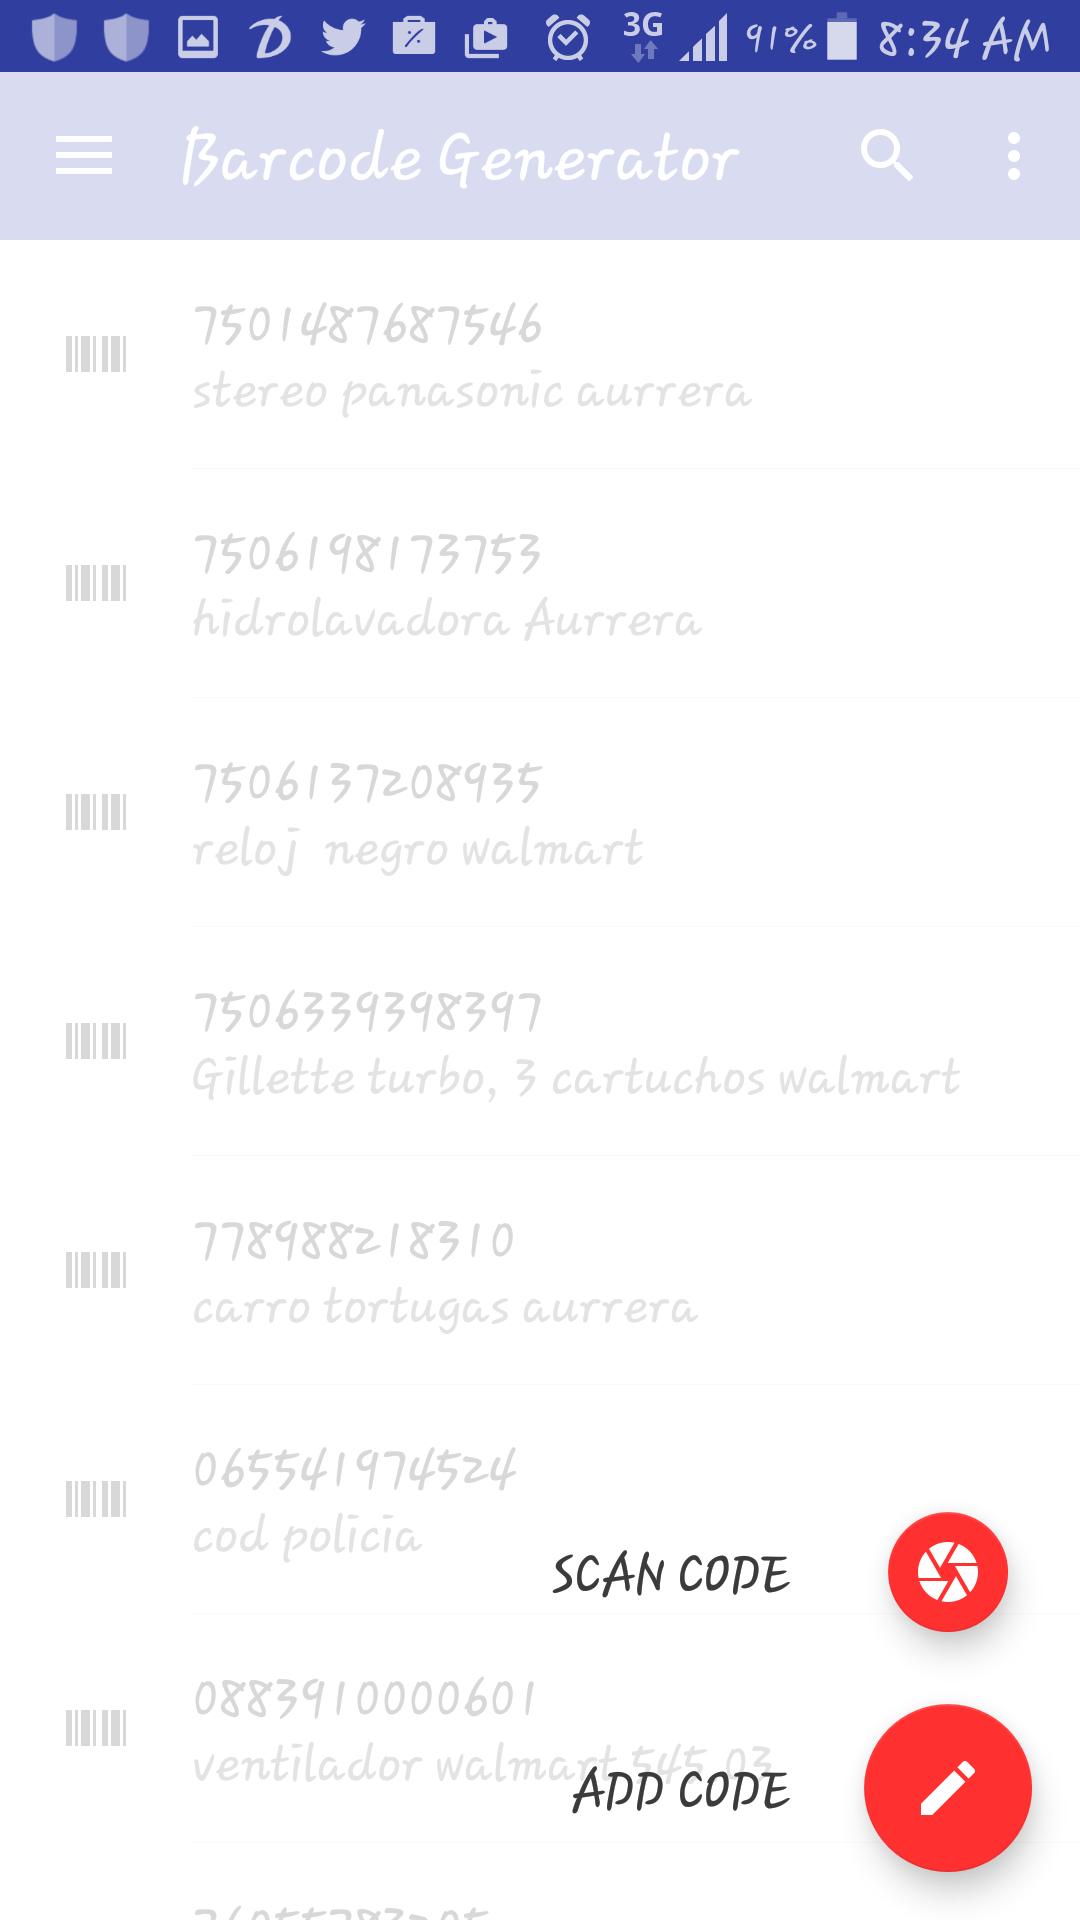 101819-4cZxy.jpg